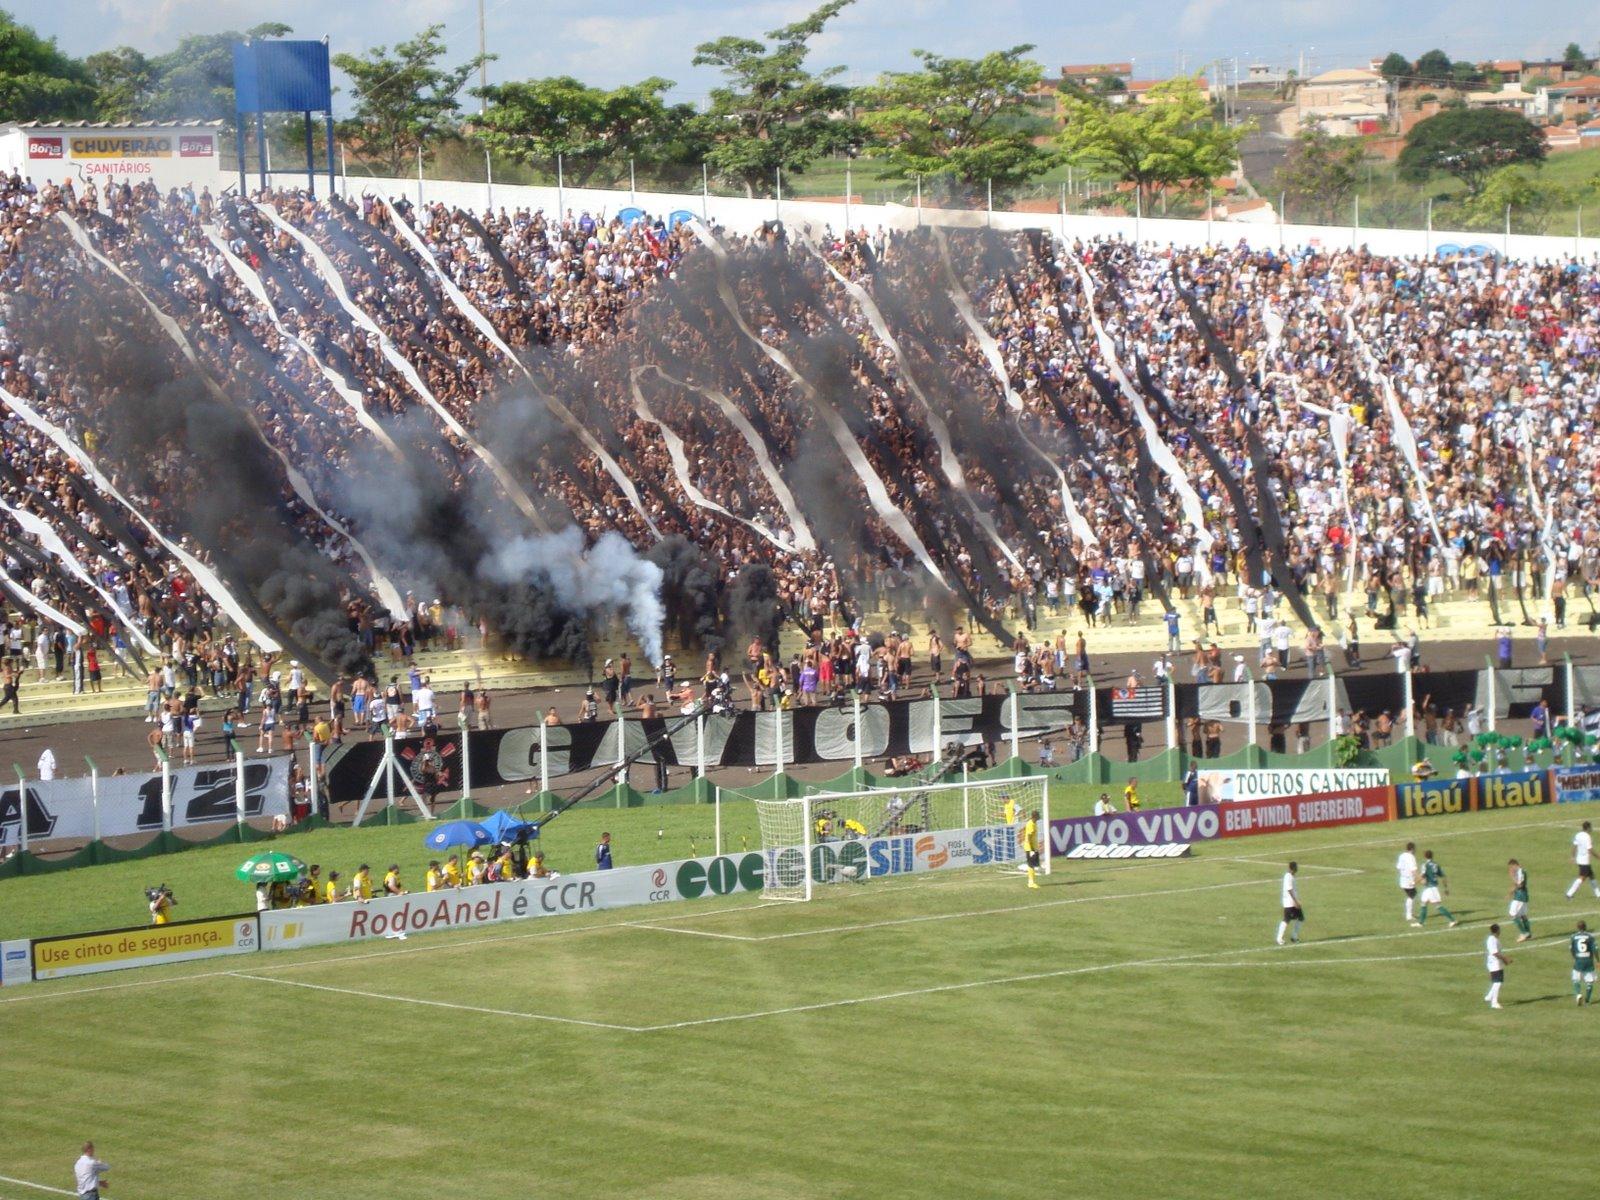 6f57676f341a2 Torcida do Corinthians durante Derby realizado em Presidente Prudente em  2009